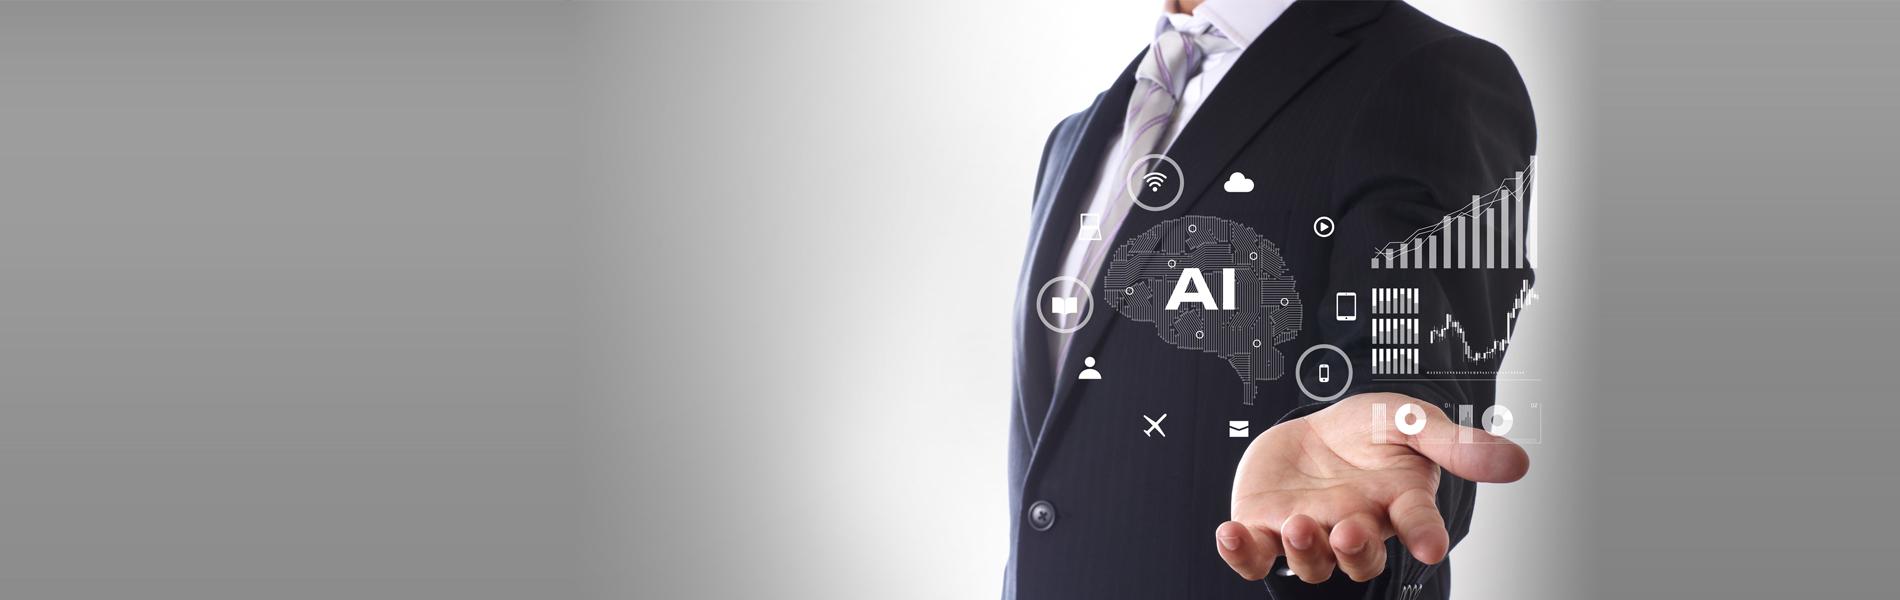 AIプログラミング技術者養成講座